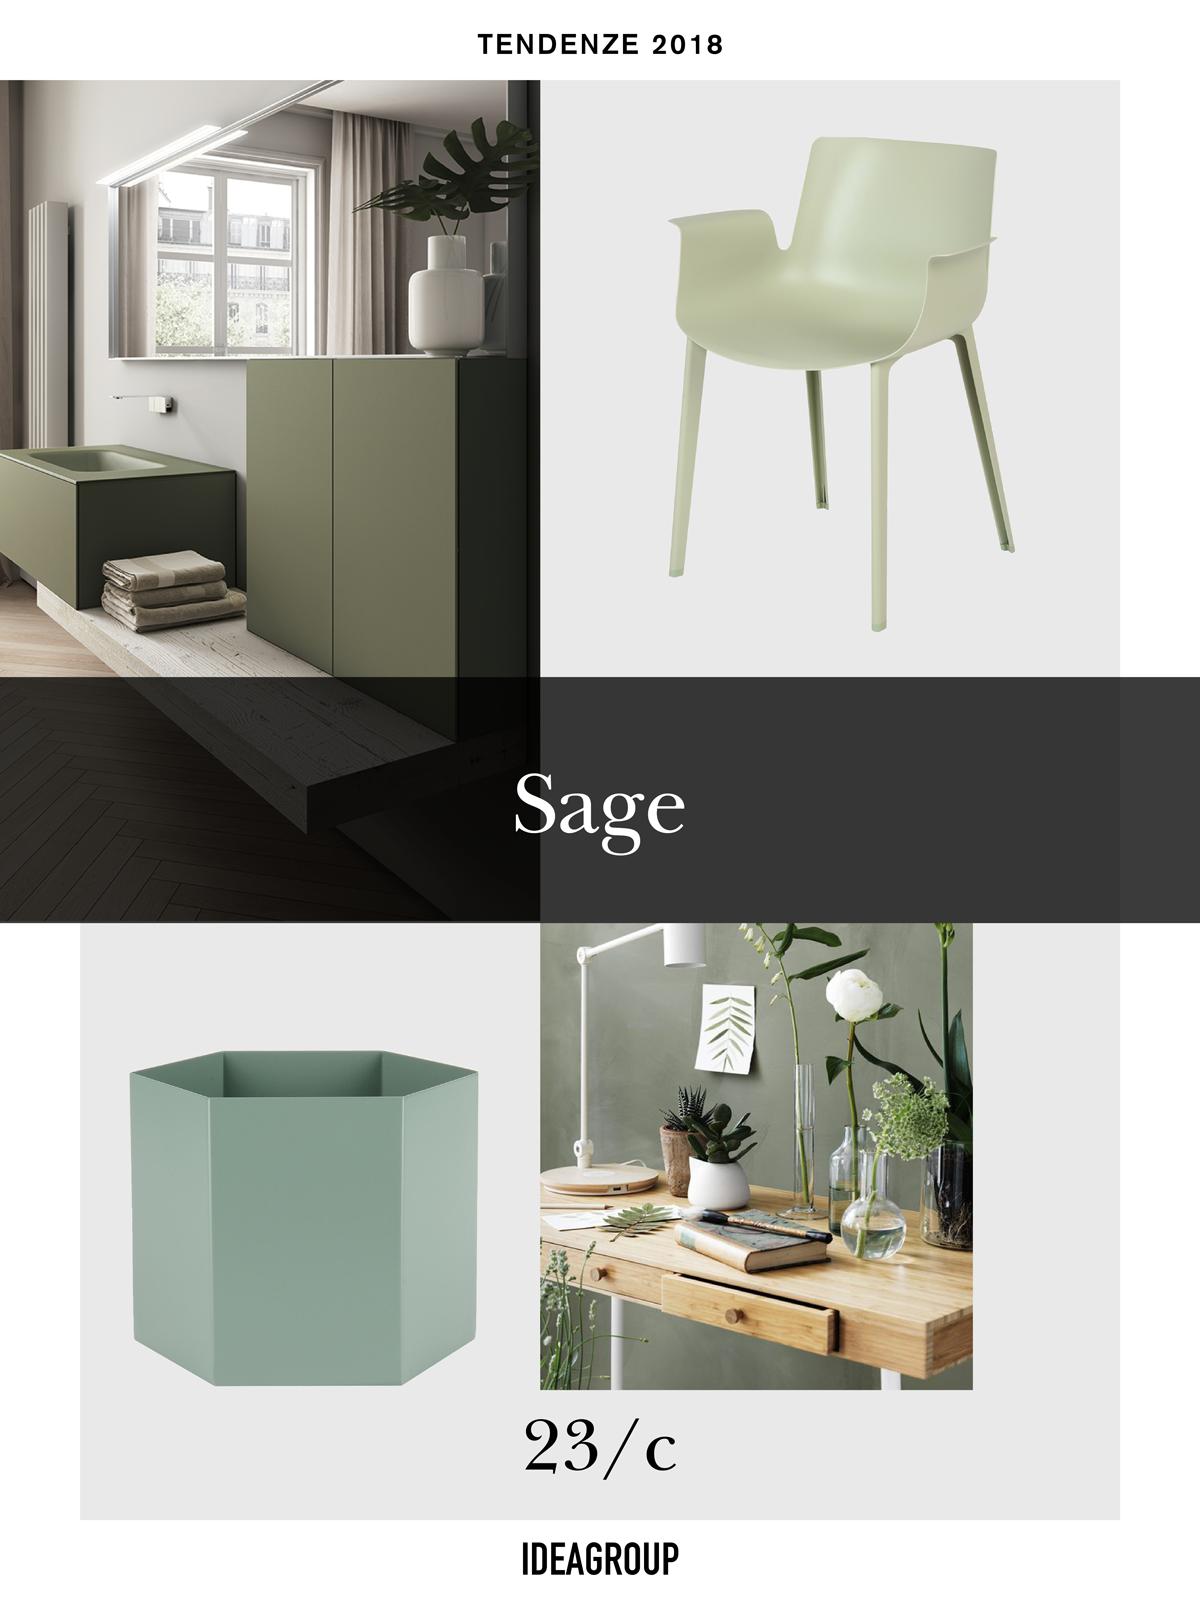 Verde Salvia Il Colore Arredamento Del 2018 Ideagroup Blog